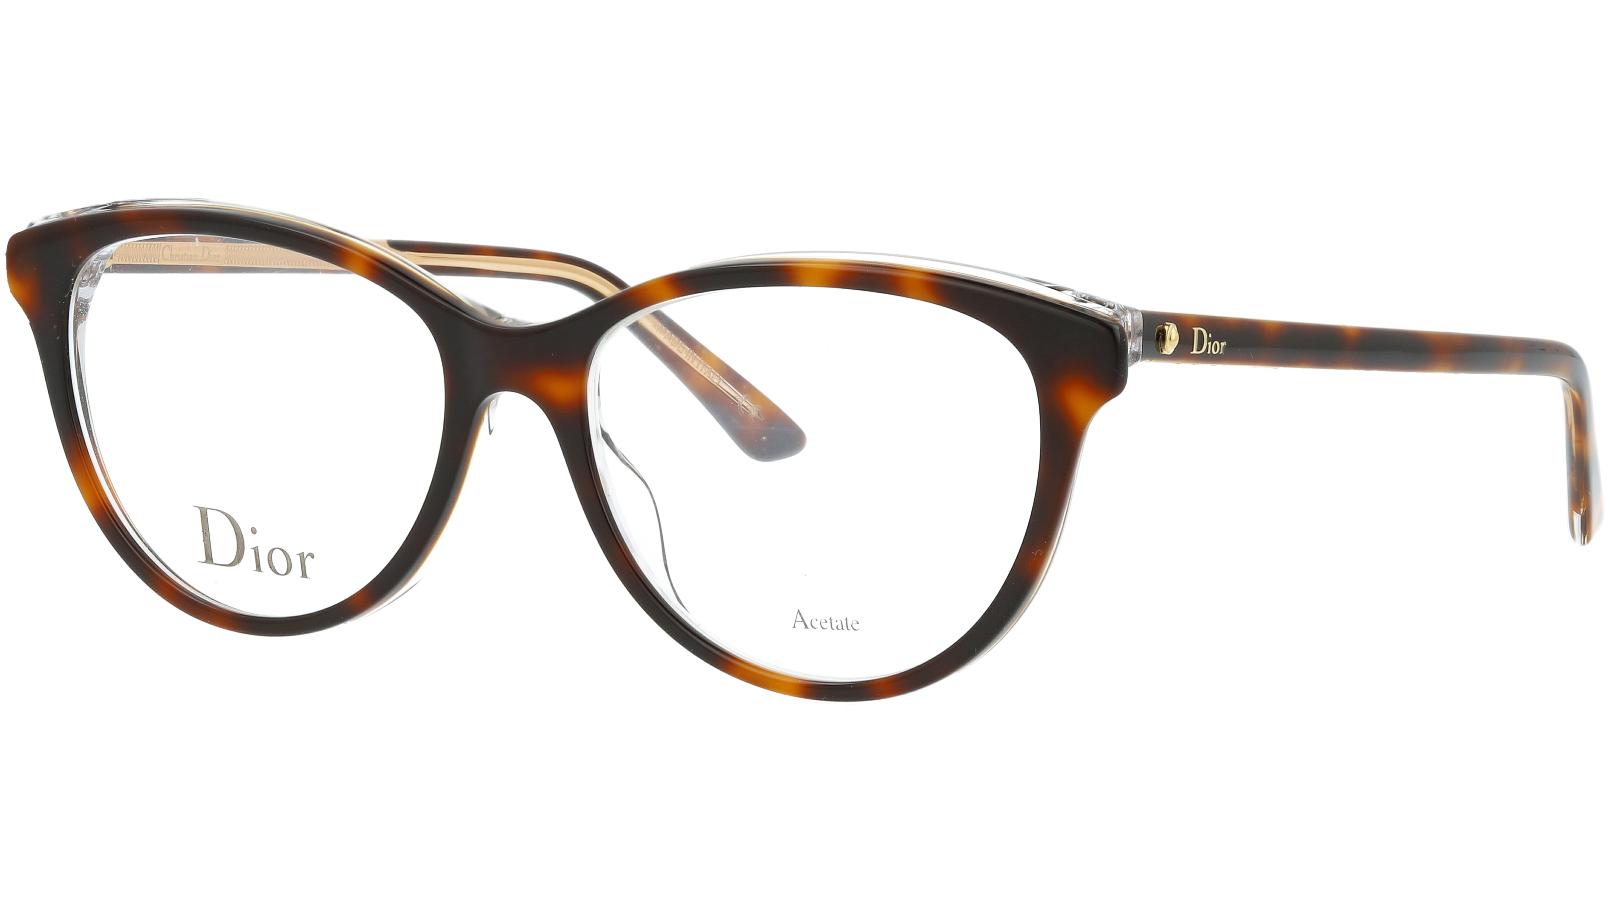 Dior MONTAIGNE17 G9Q 51 Havana Glasses